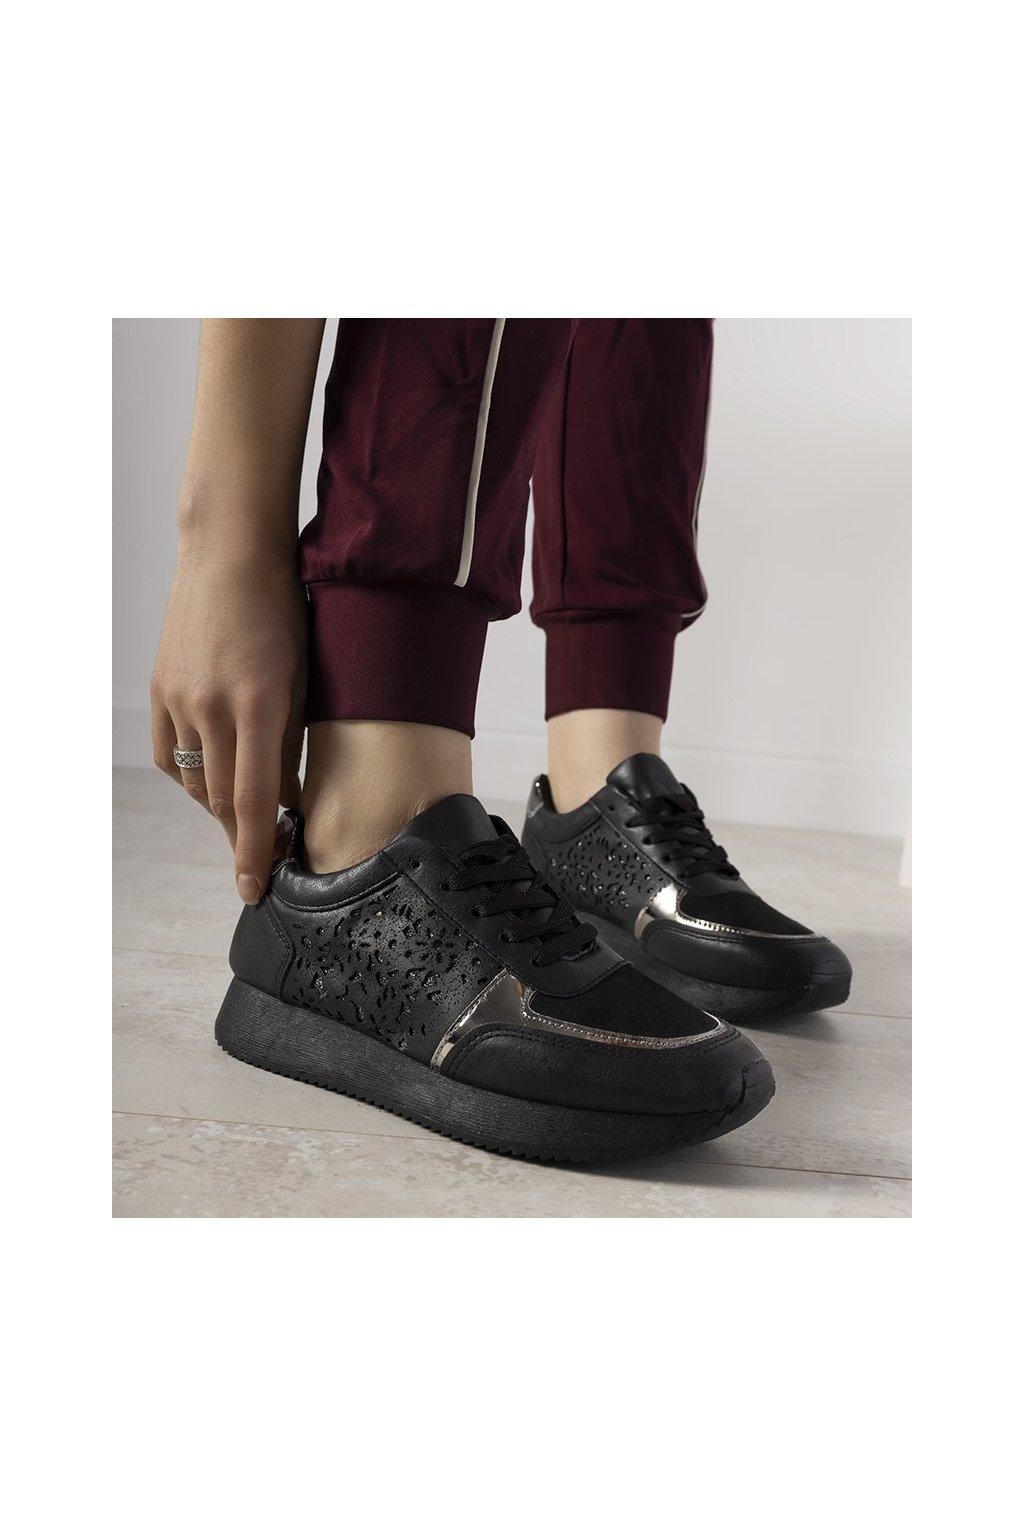 Dámske topánky tenisky čierne kód FB-113 - GM